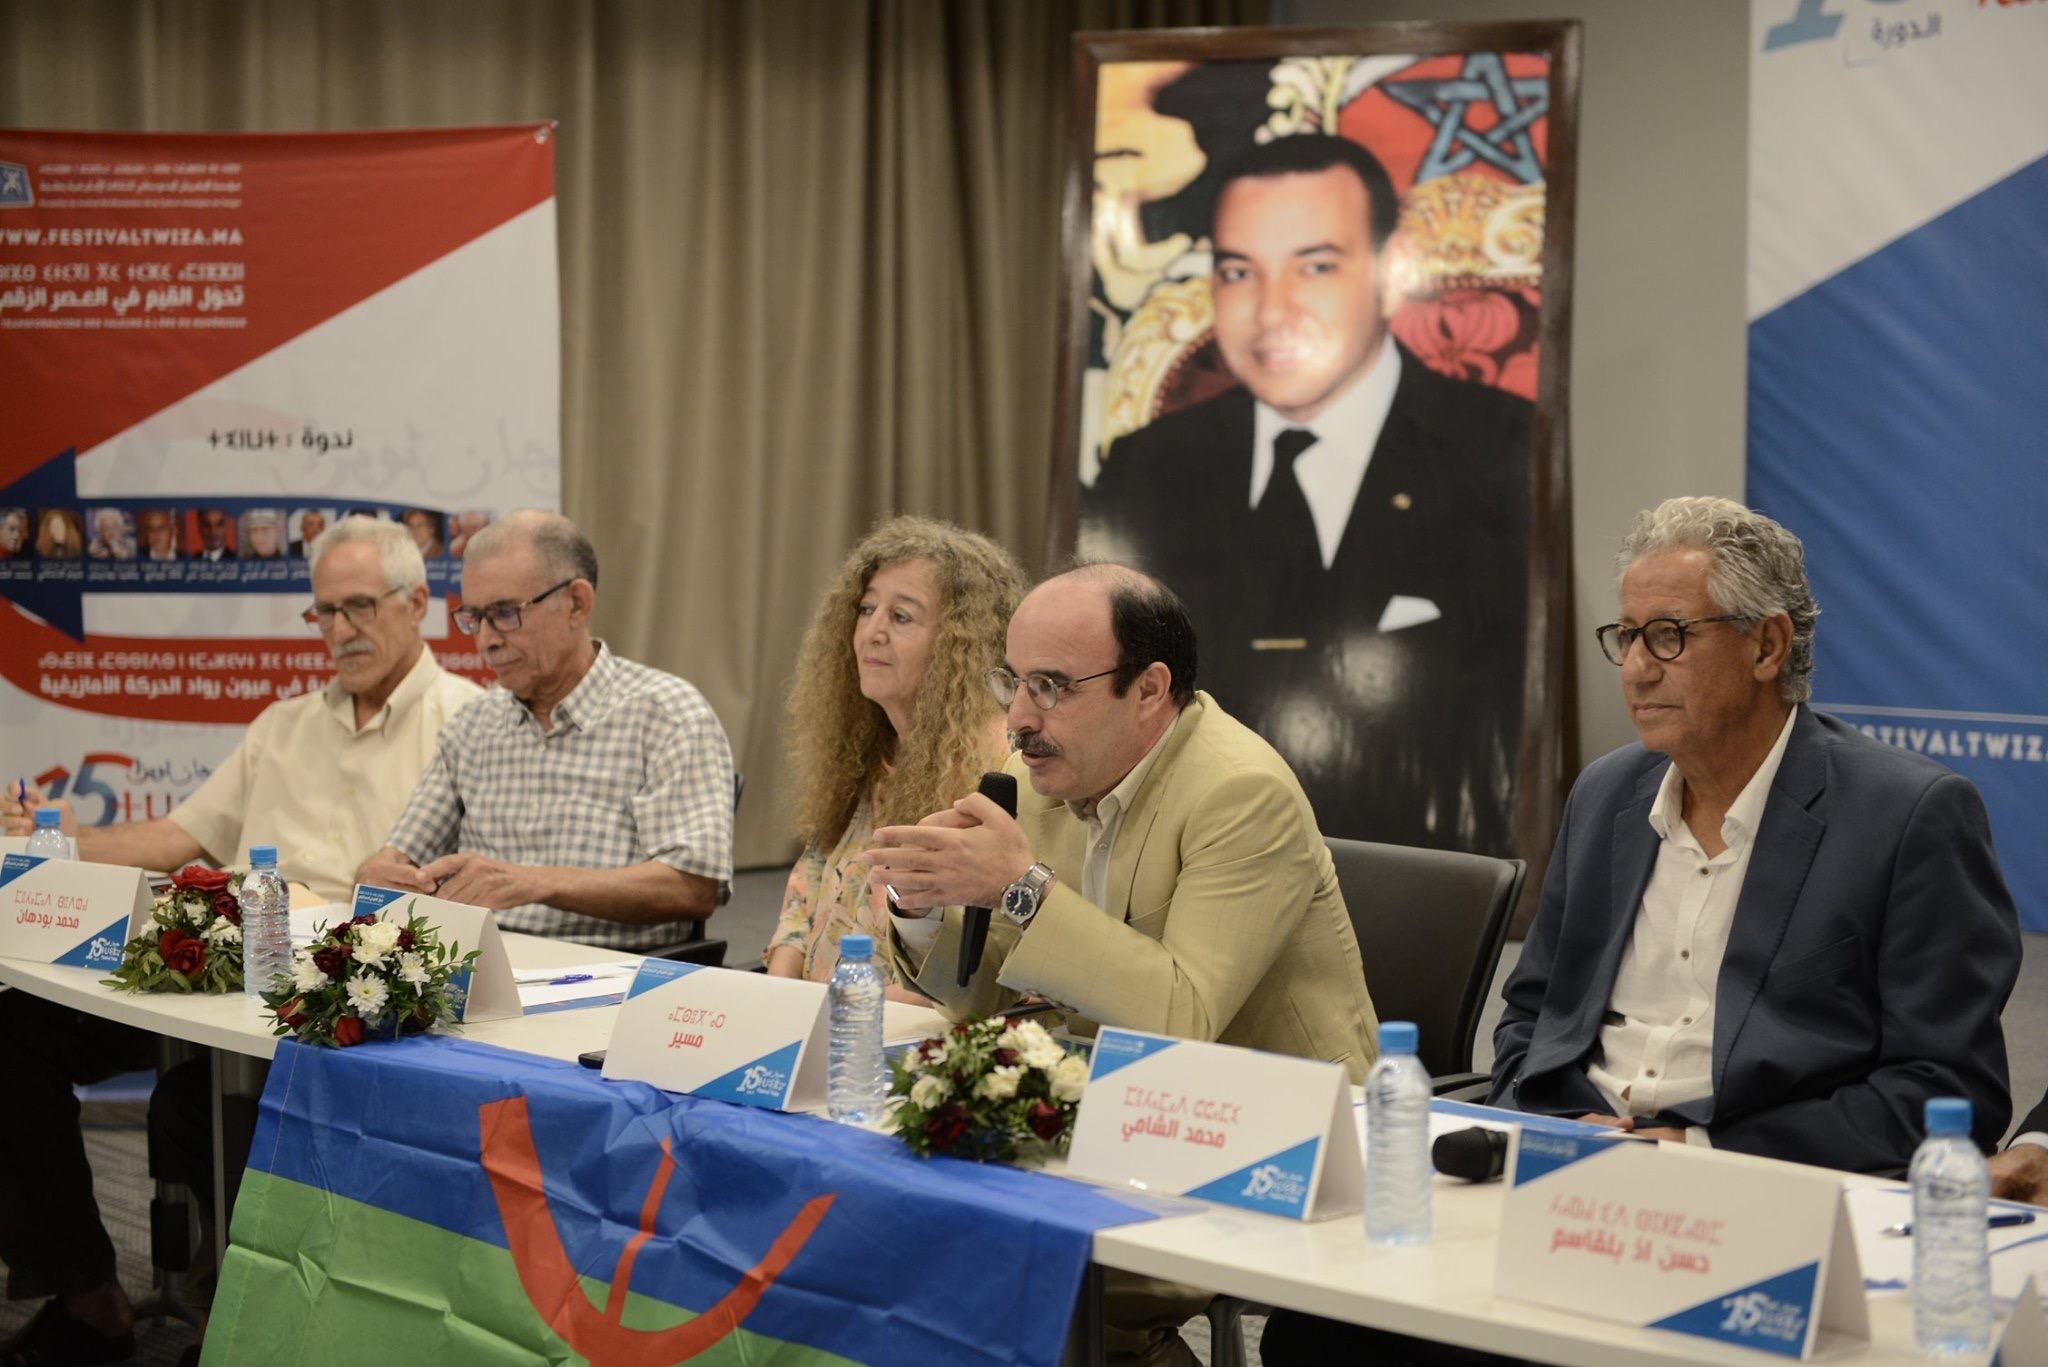 مُثقفون بمهرجان ثويزا: المُدافعون عن تعريب التعليم يخرقُون الدستور الذي رسّمٓ الأمازيغية